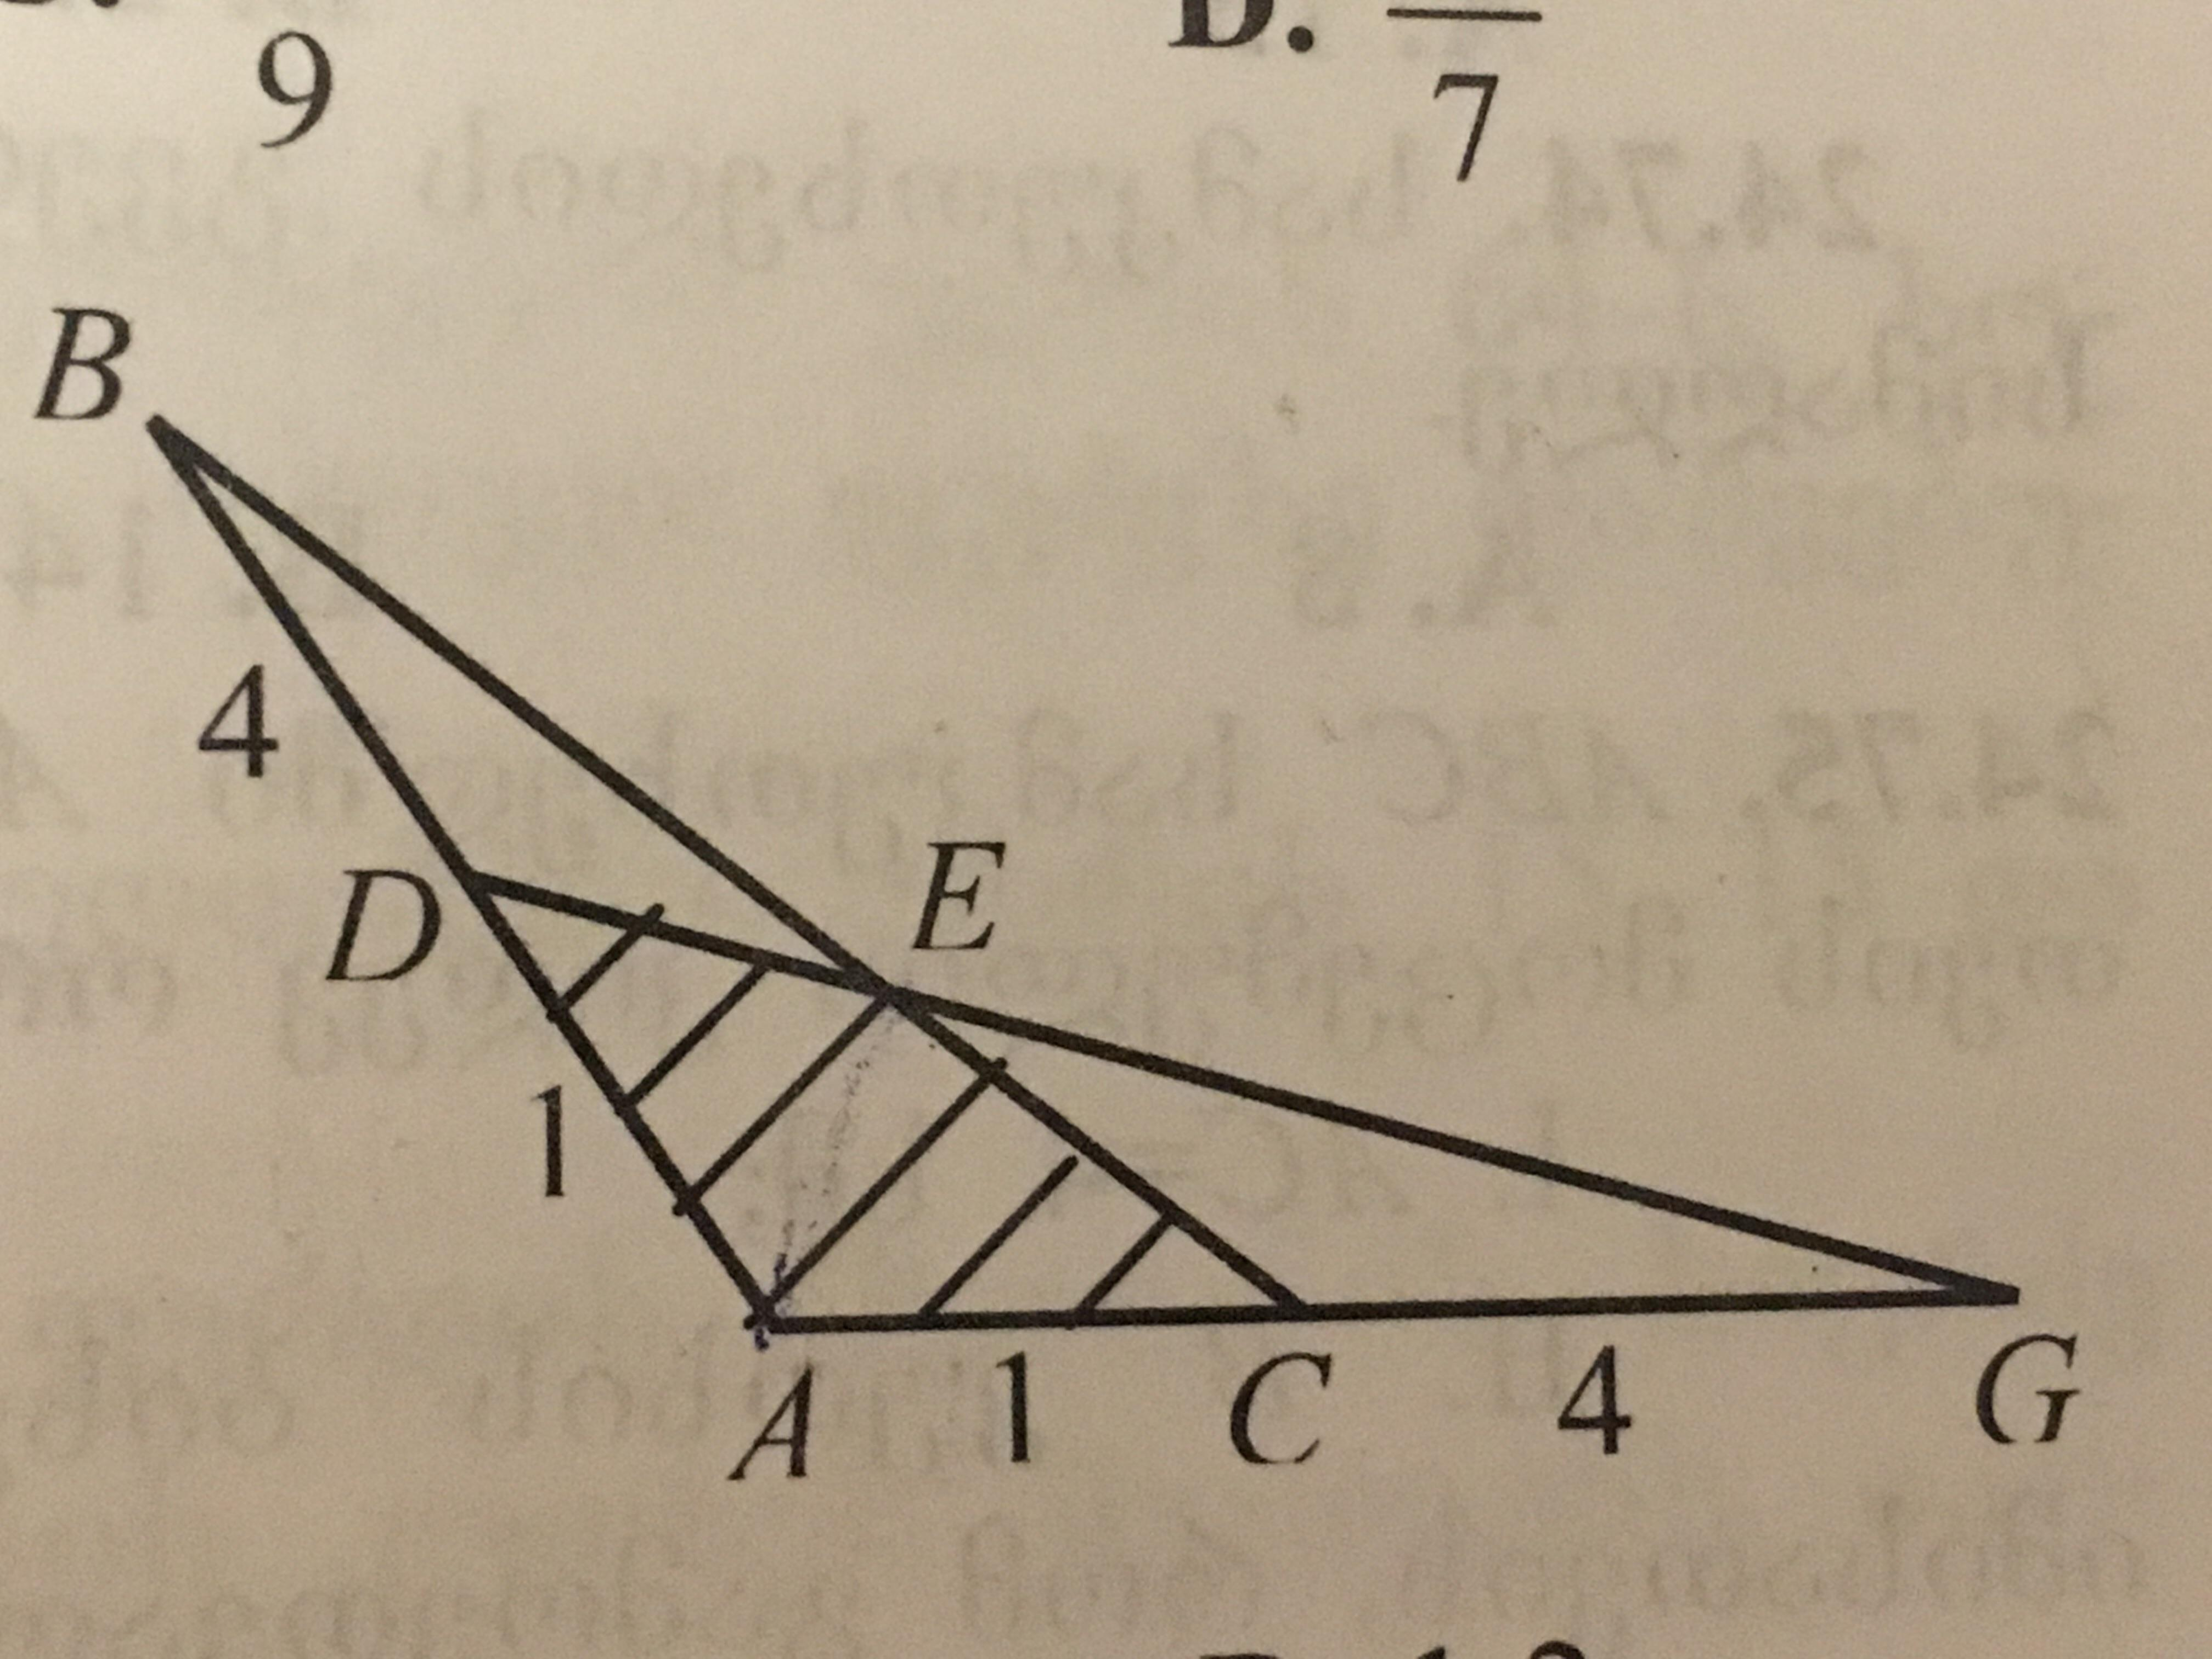 Как найти площадь ADEC, если эти треугольники